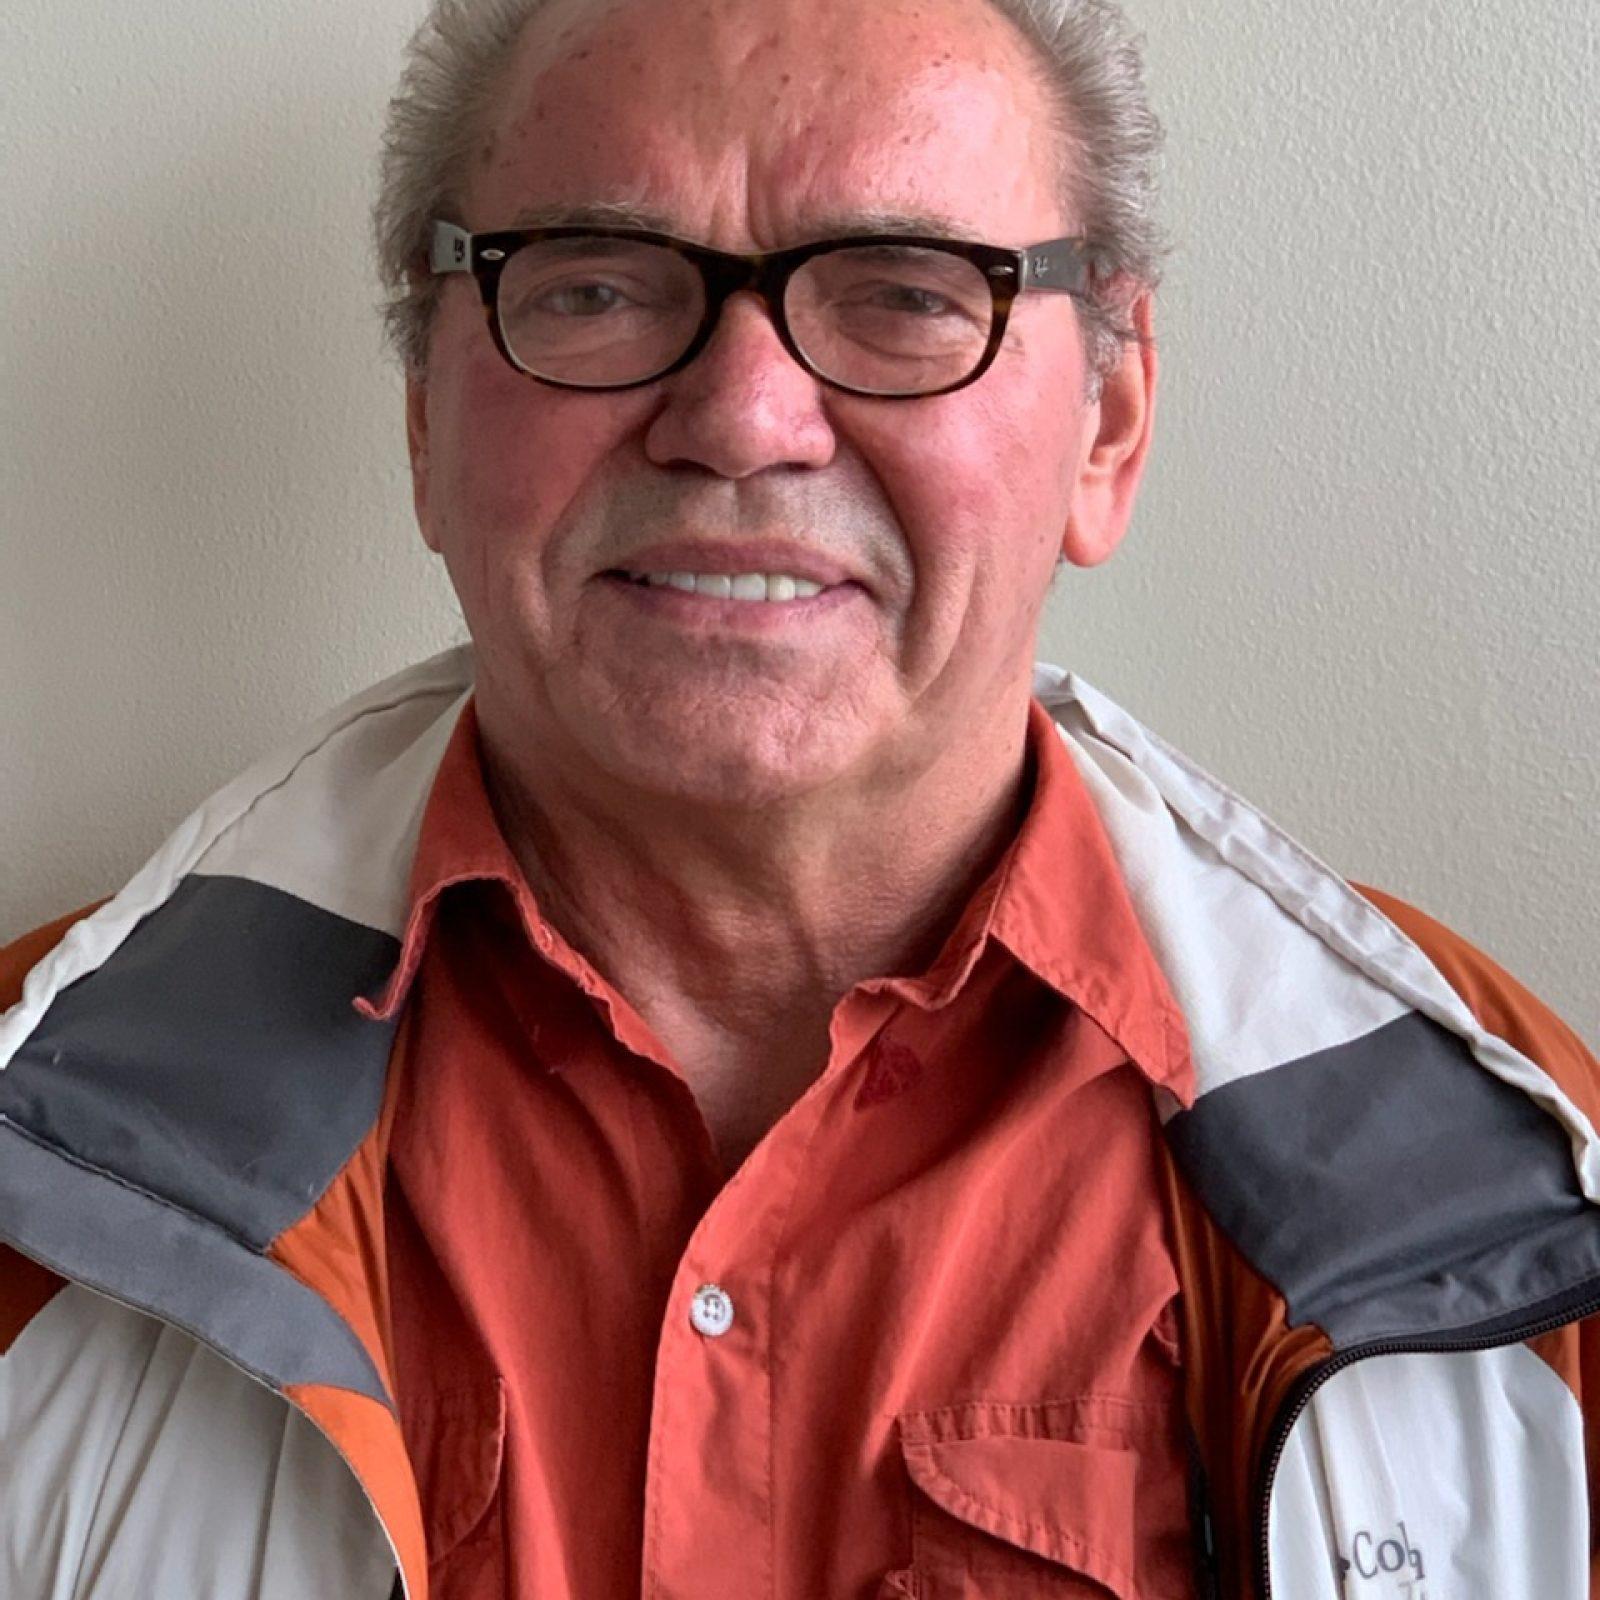 Dr. Radic